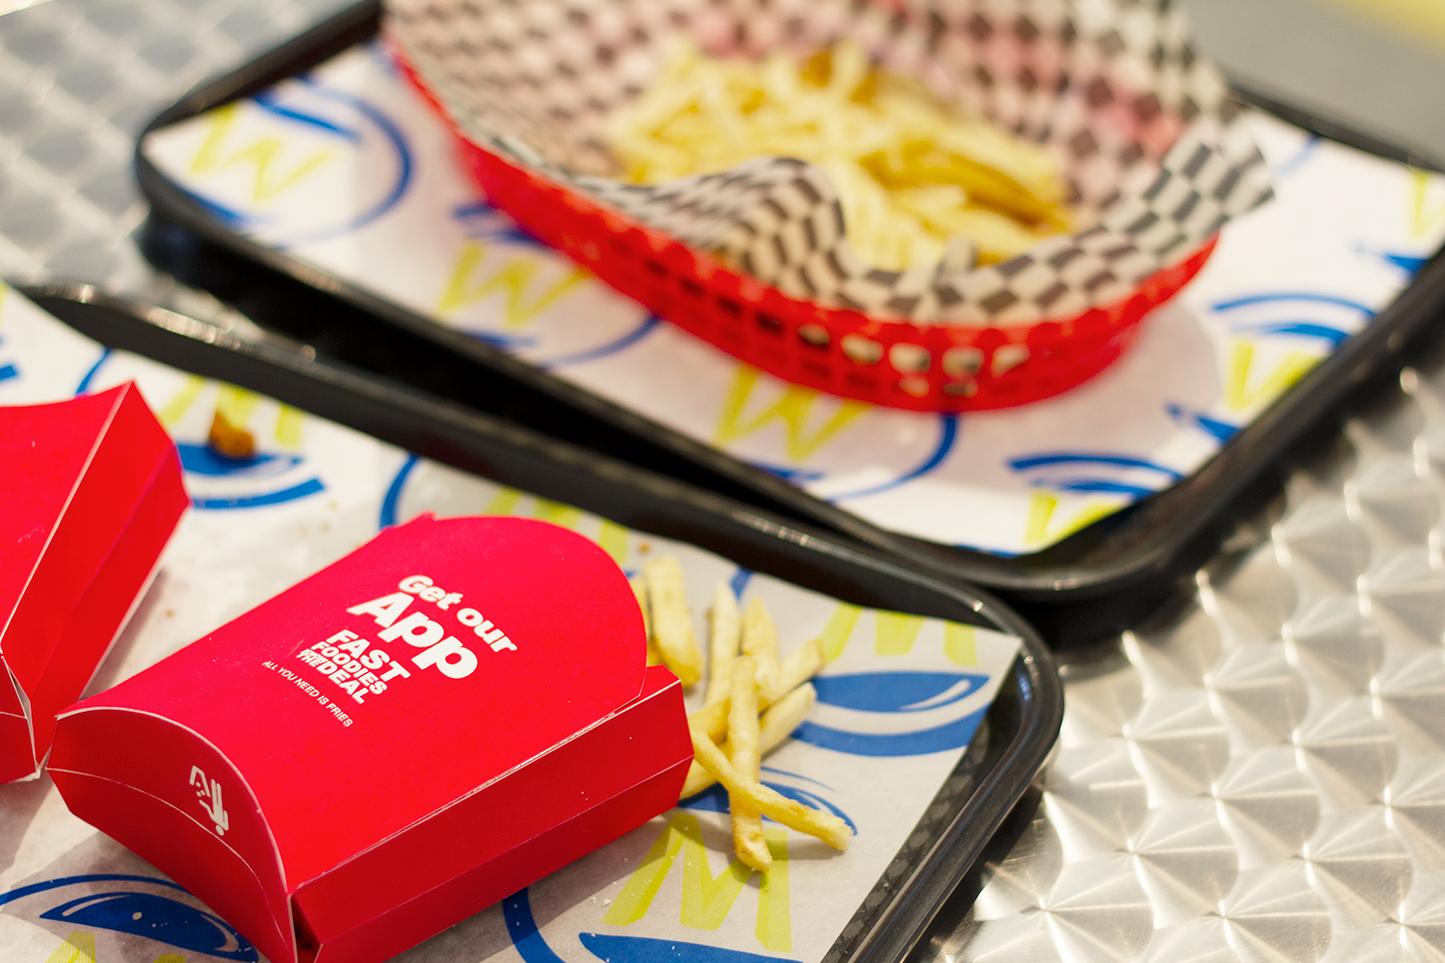 fast-food presentation